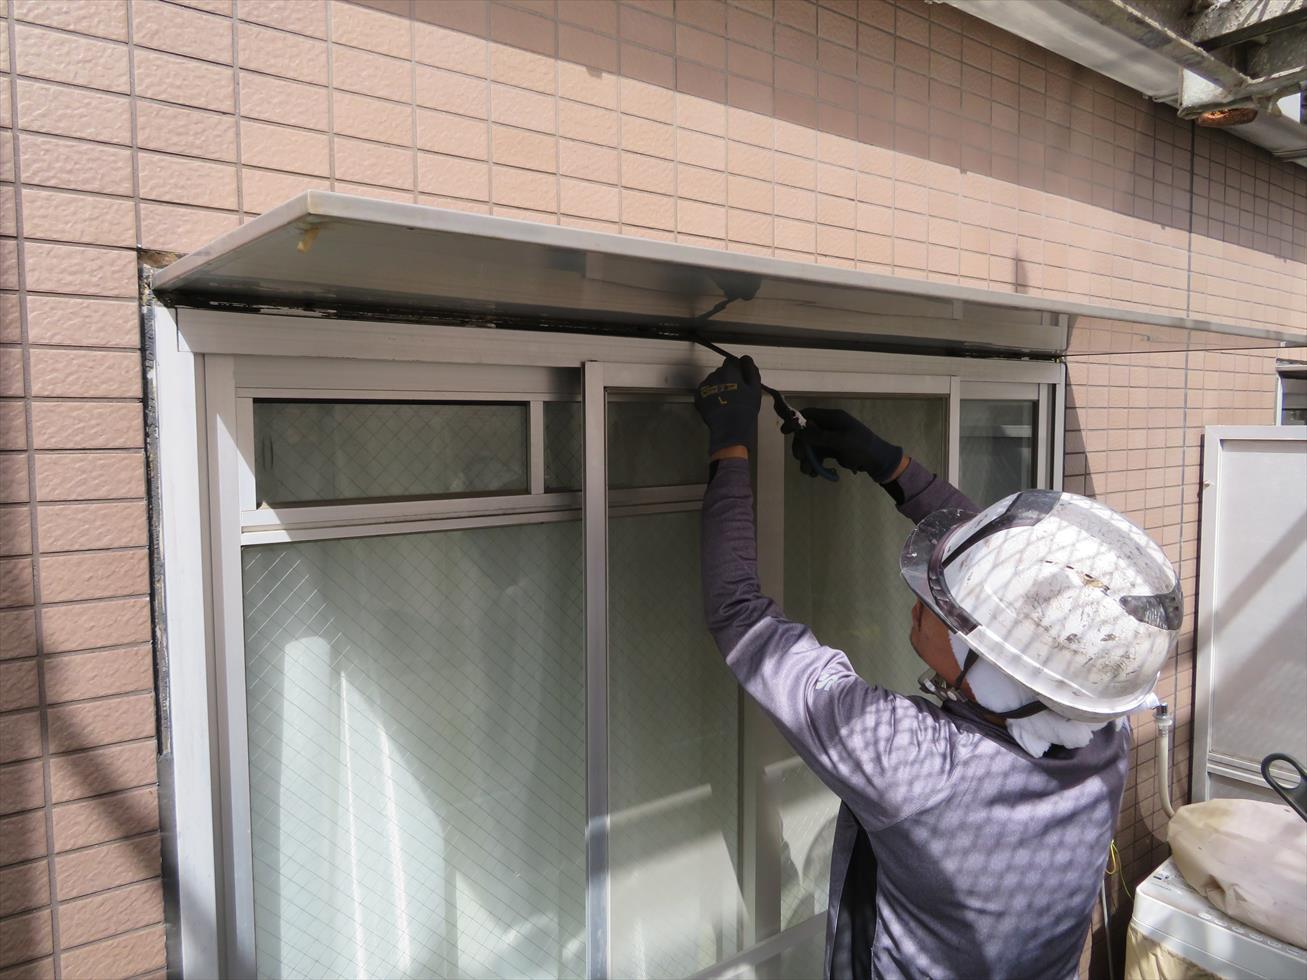 宝塚市のマンション大規模修繕工事では各部コーキングは撤去打ち替え工事とした